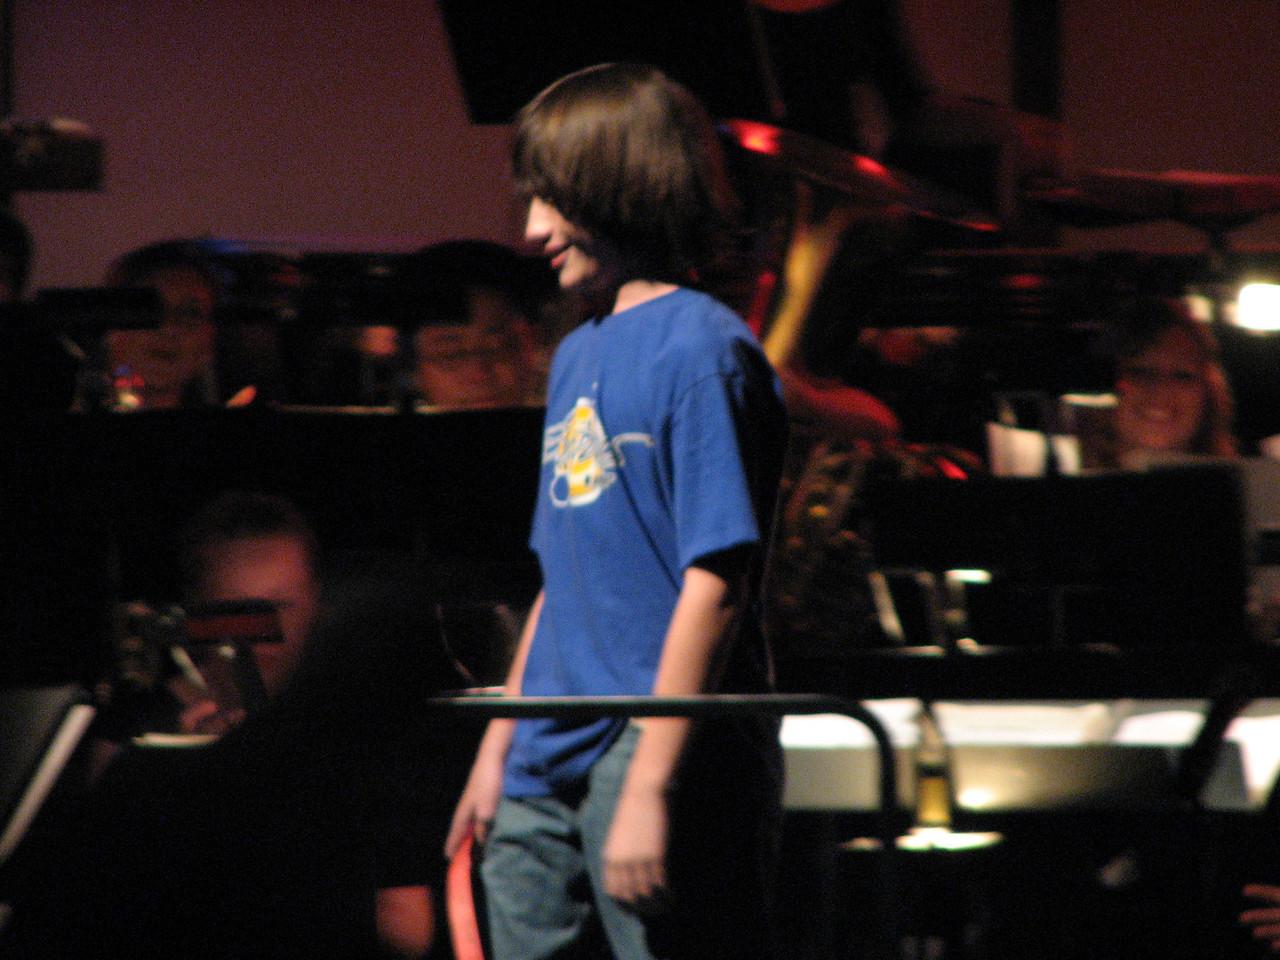 2008 05 03 Sat - Symphonic Winds POPS Concert child conductor 5